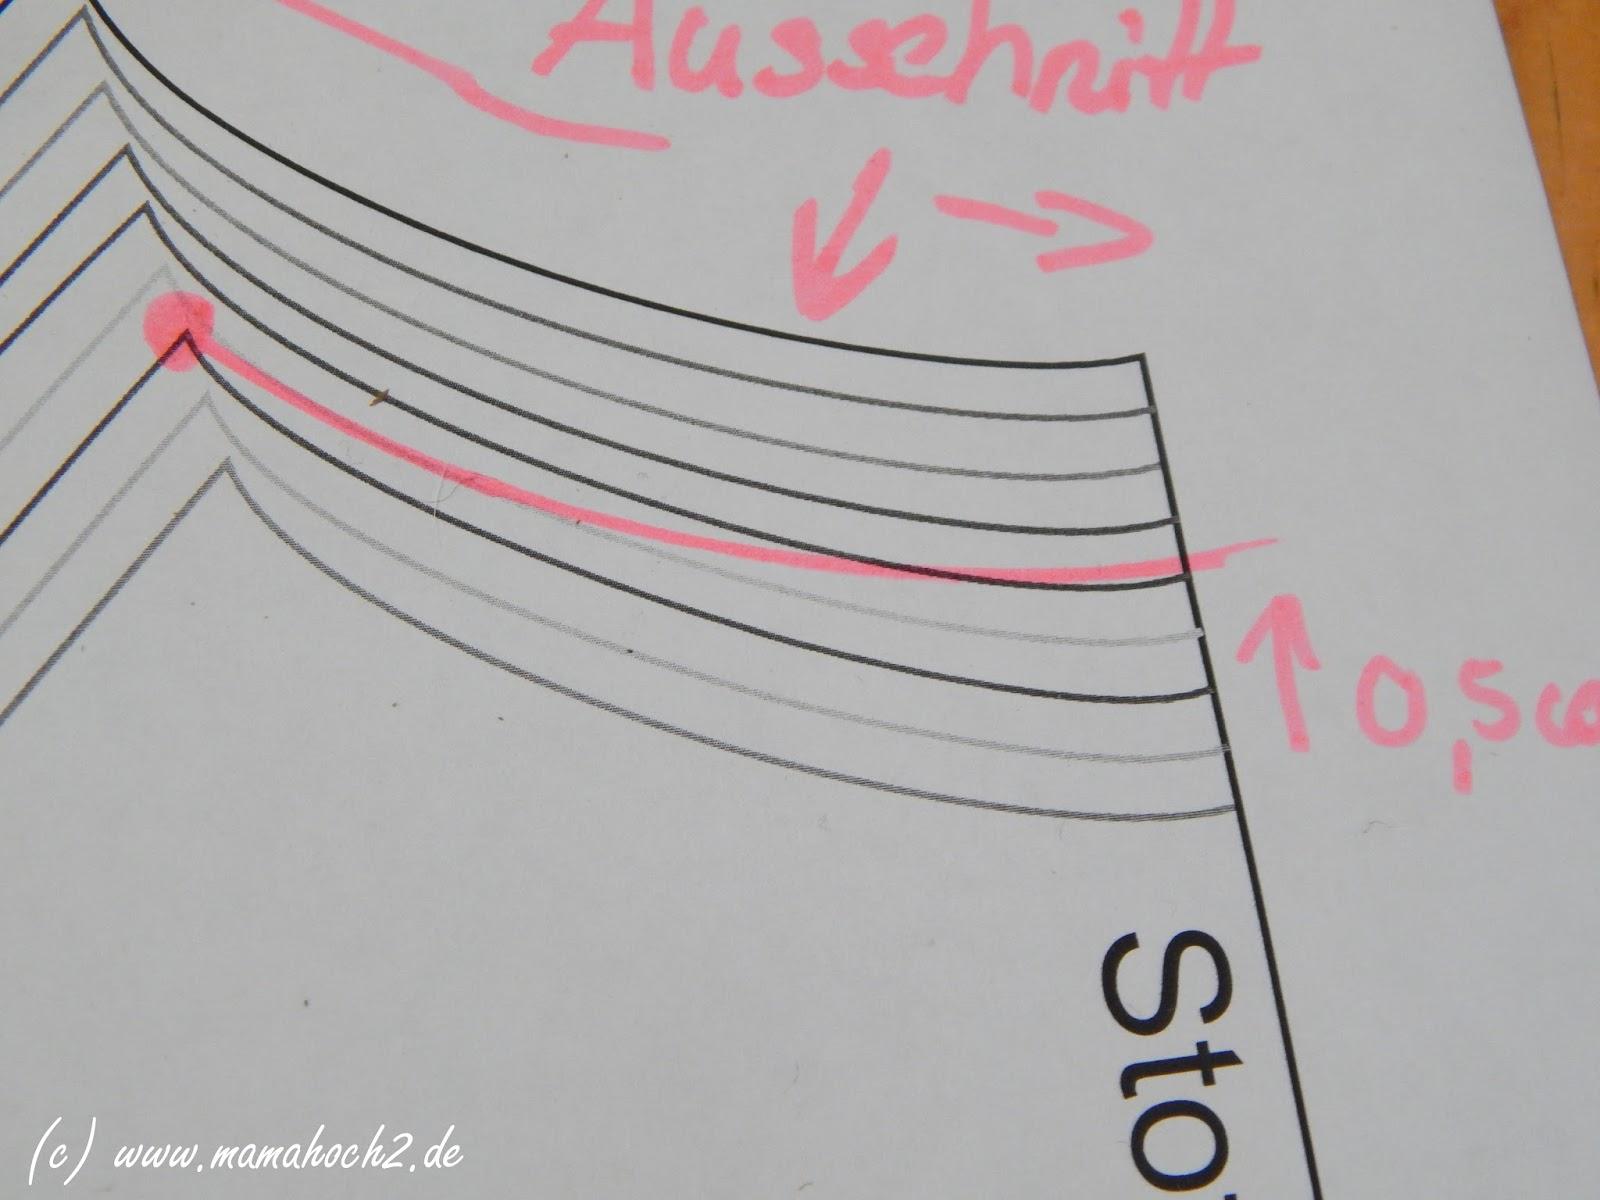 Schnittmuster anpassen: Halsaussschnitt vergrößern/verkleinern ...